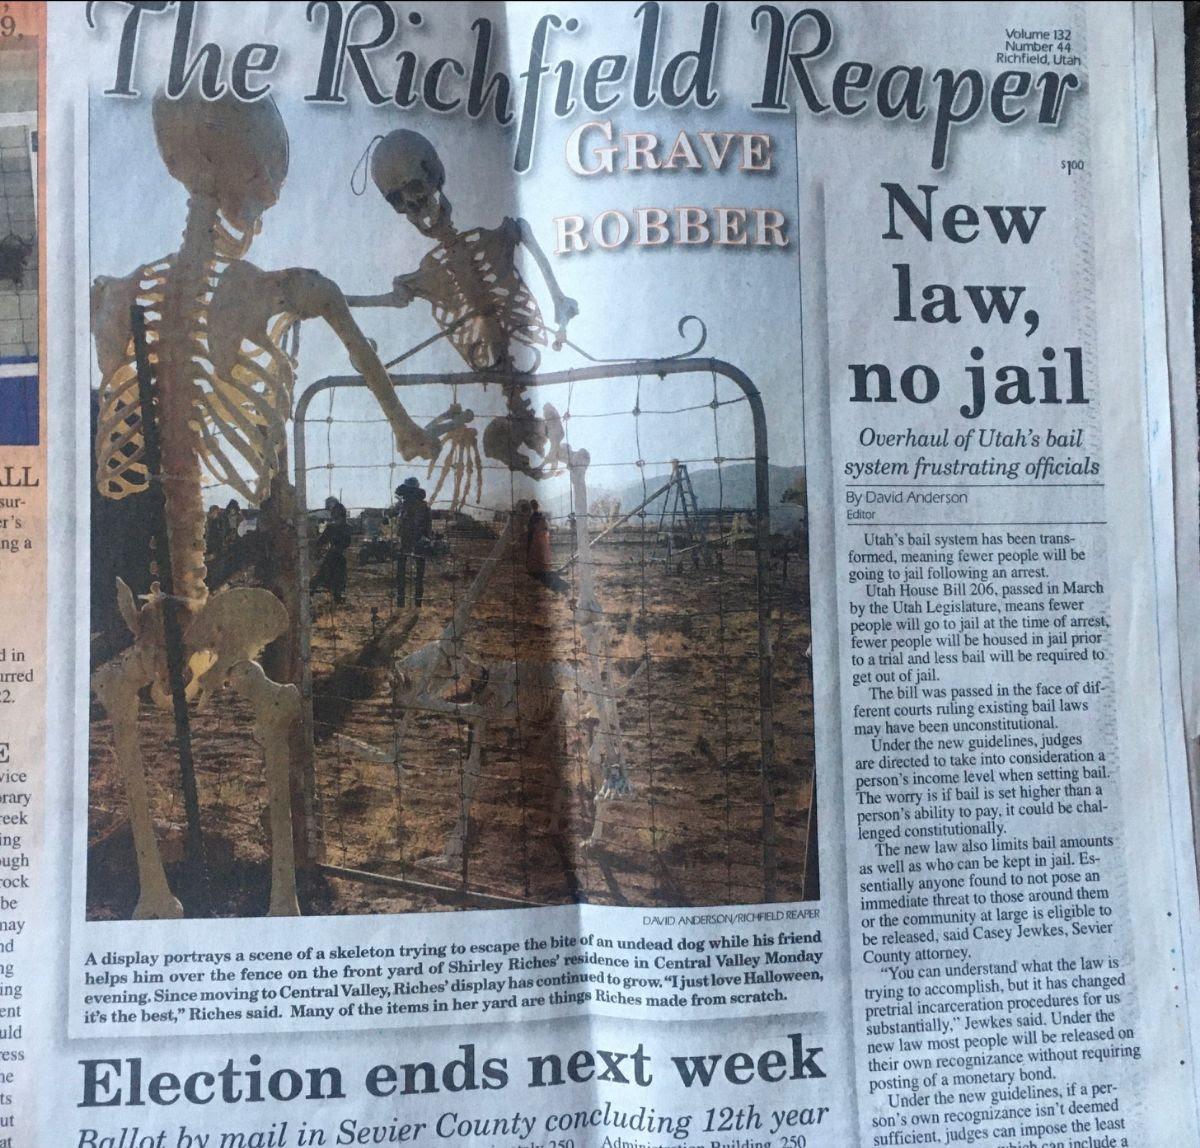 Richfield Reaper